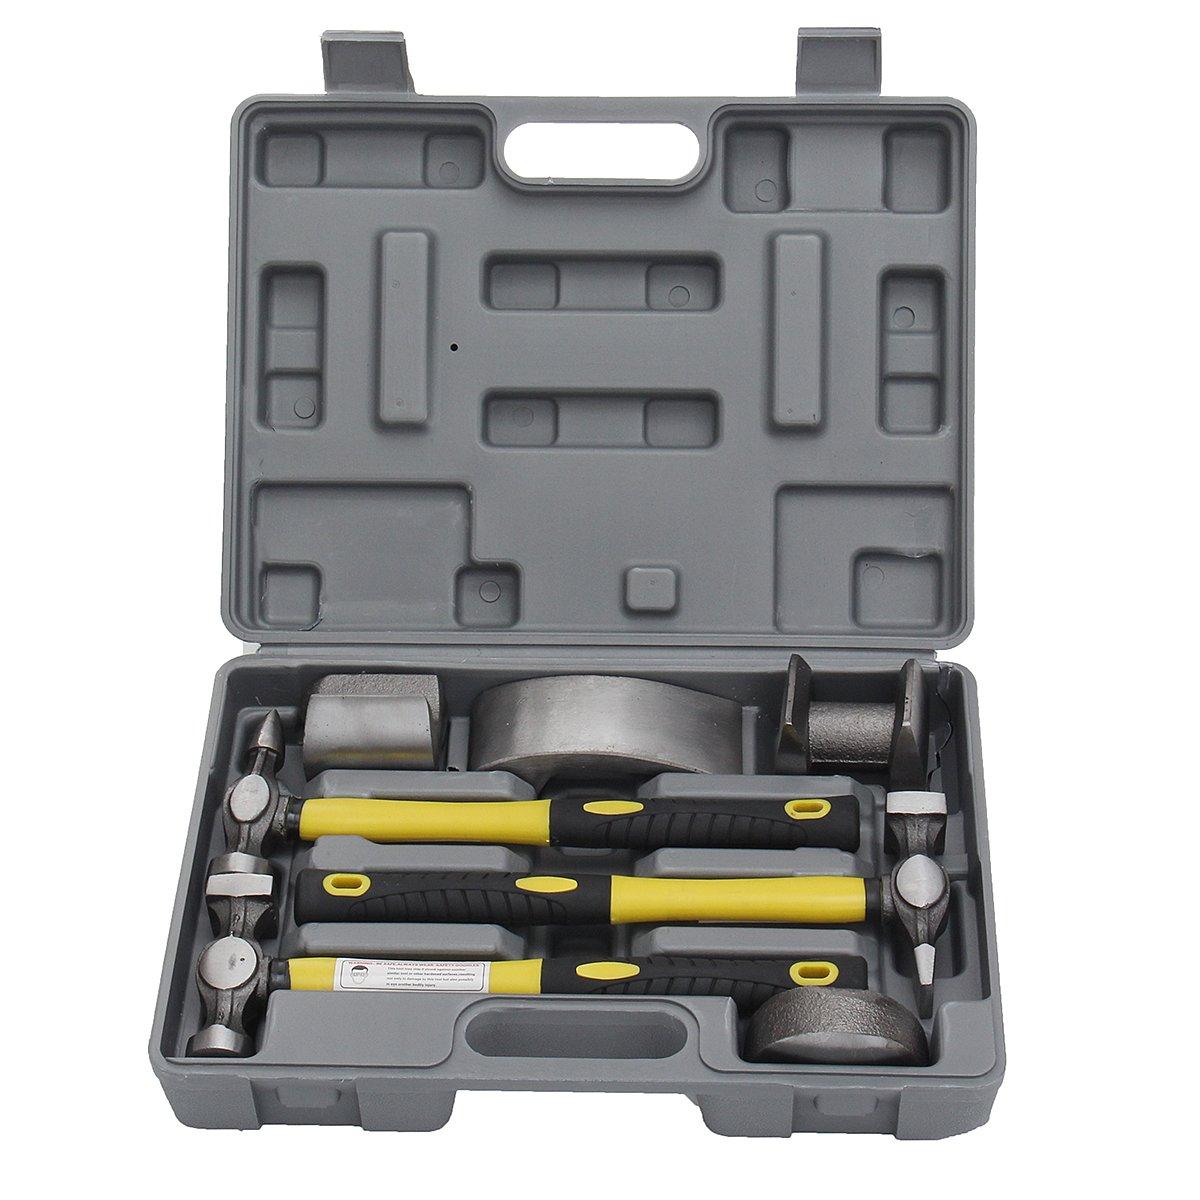 HITSAN 7 Pcs Auto Car Repair Kit Car Body Repair Tool Kit Dolly Tool Dent Repair Set Kit One Piece